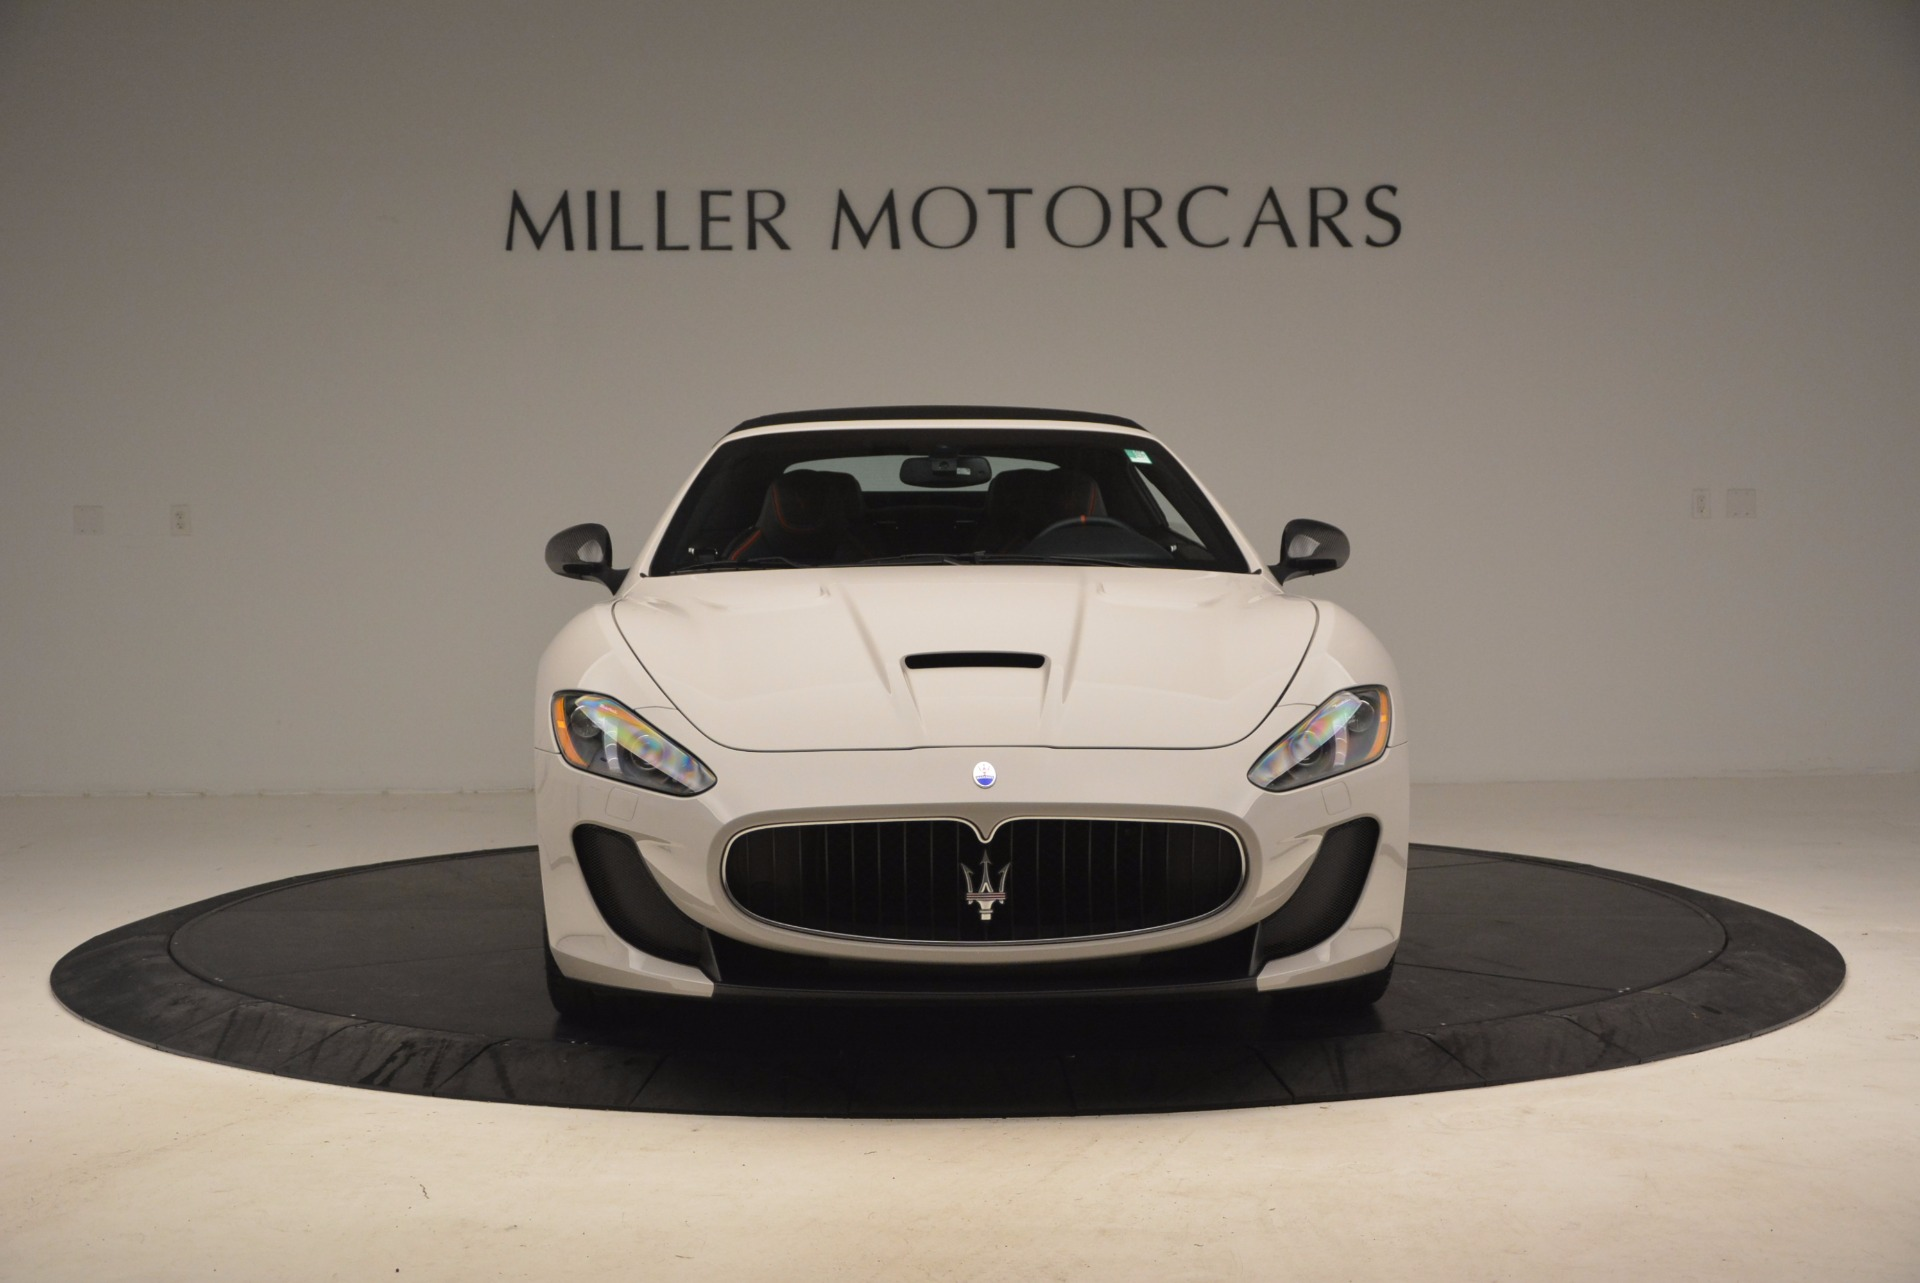 Used 2015 Maserati GranTurismo MC Centennial For Sale In Greenwich, CT. Alfa Romeo of Greenwich, 7187 1107_p24